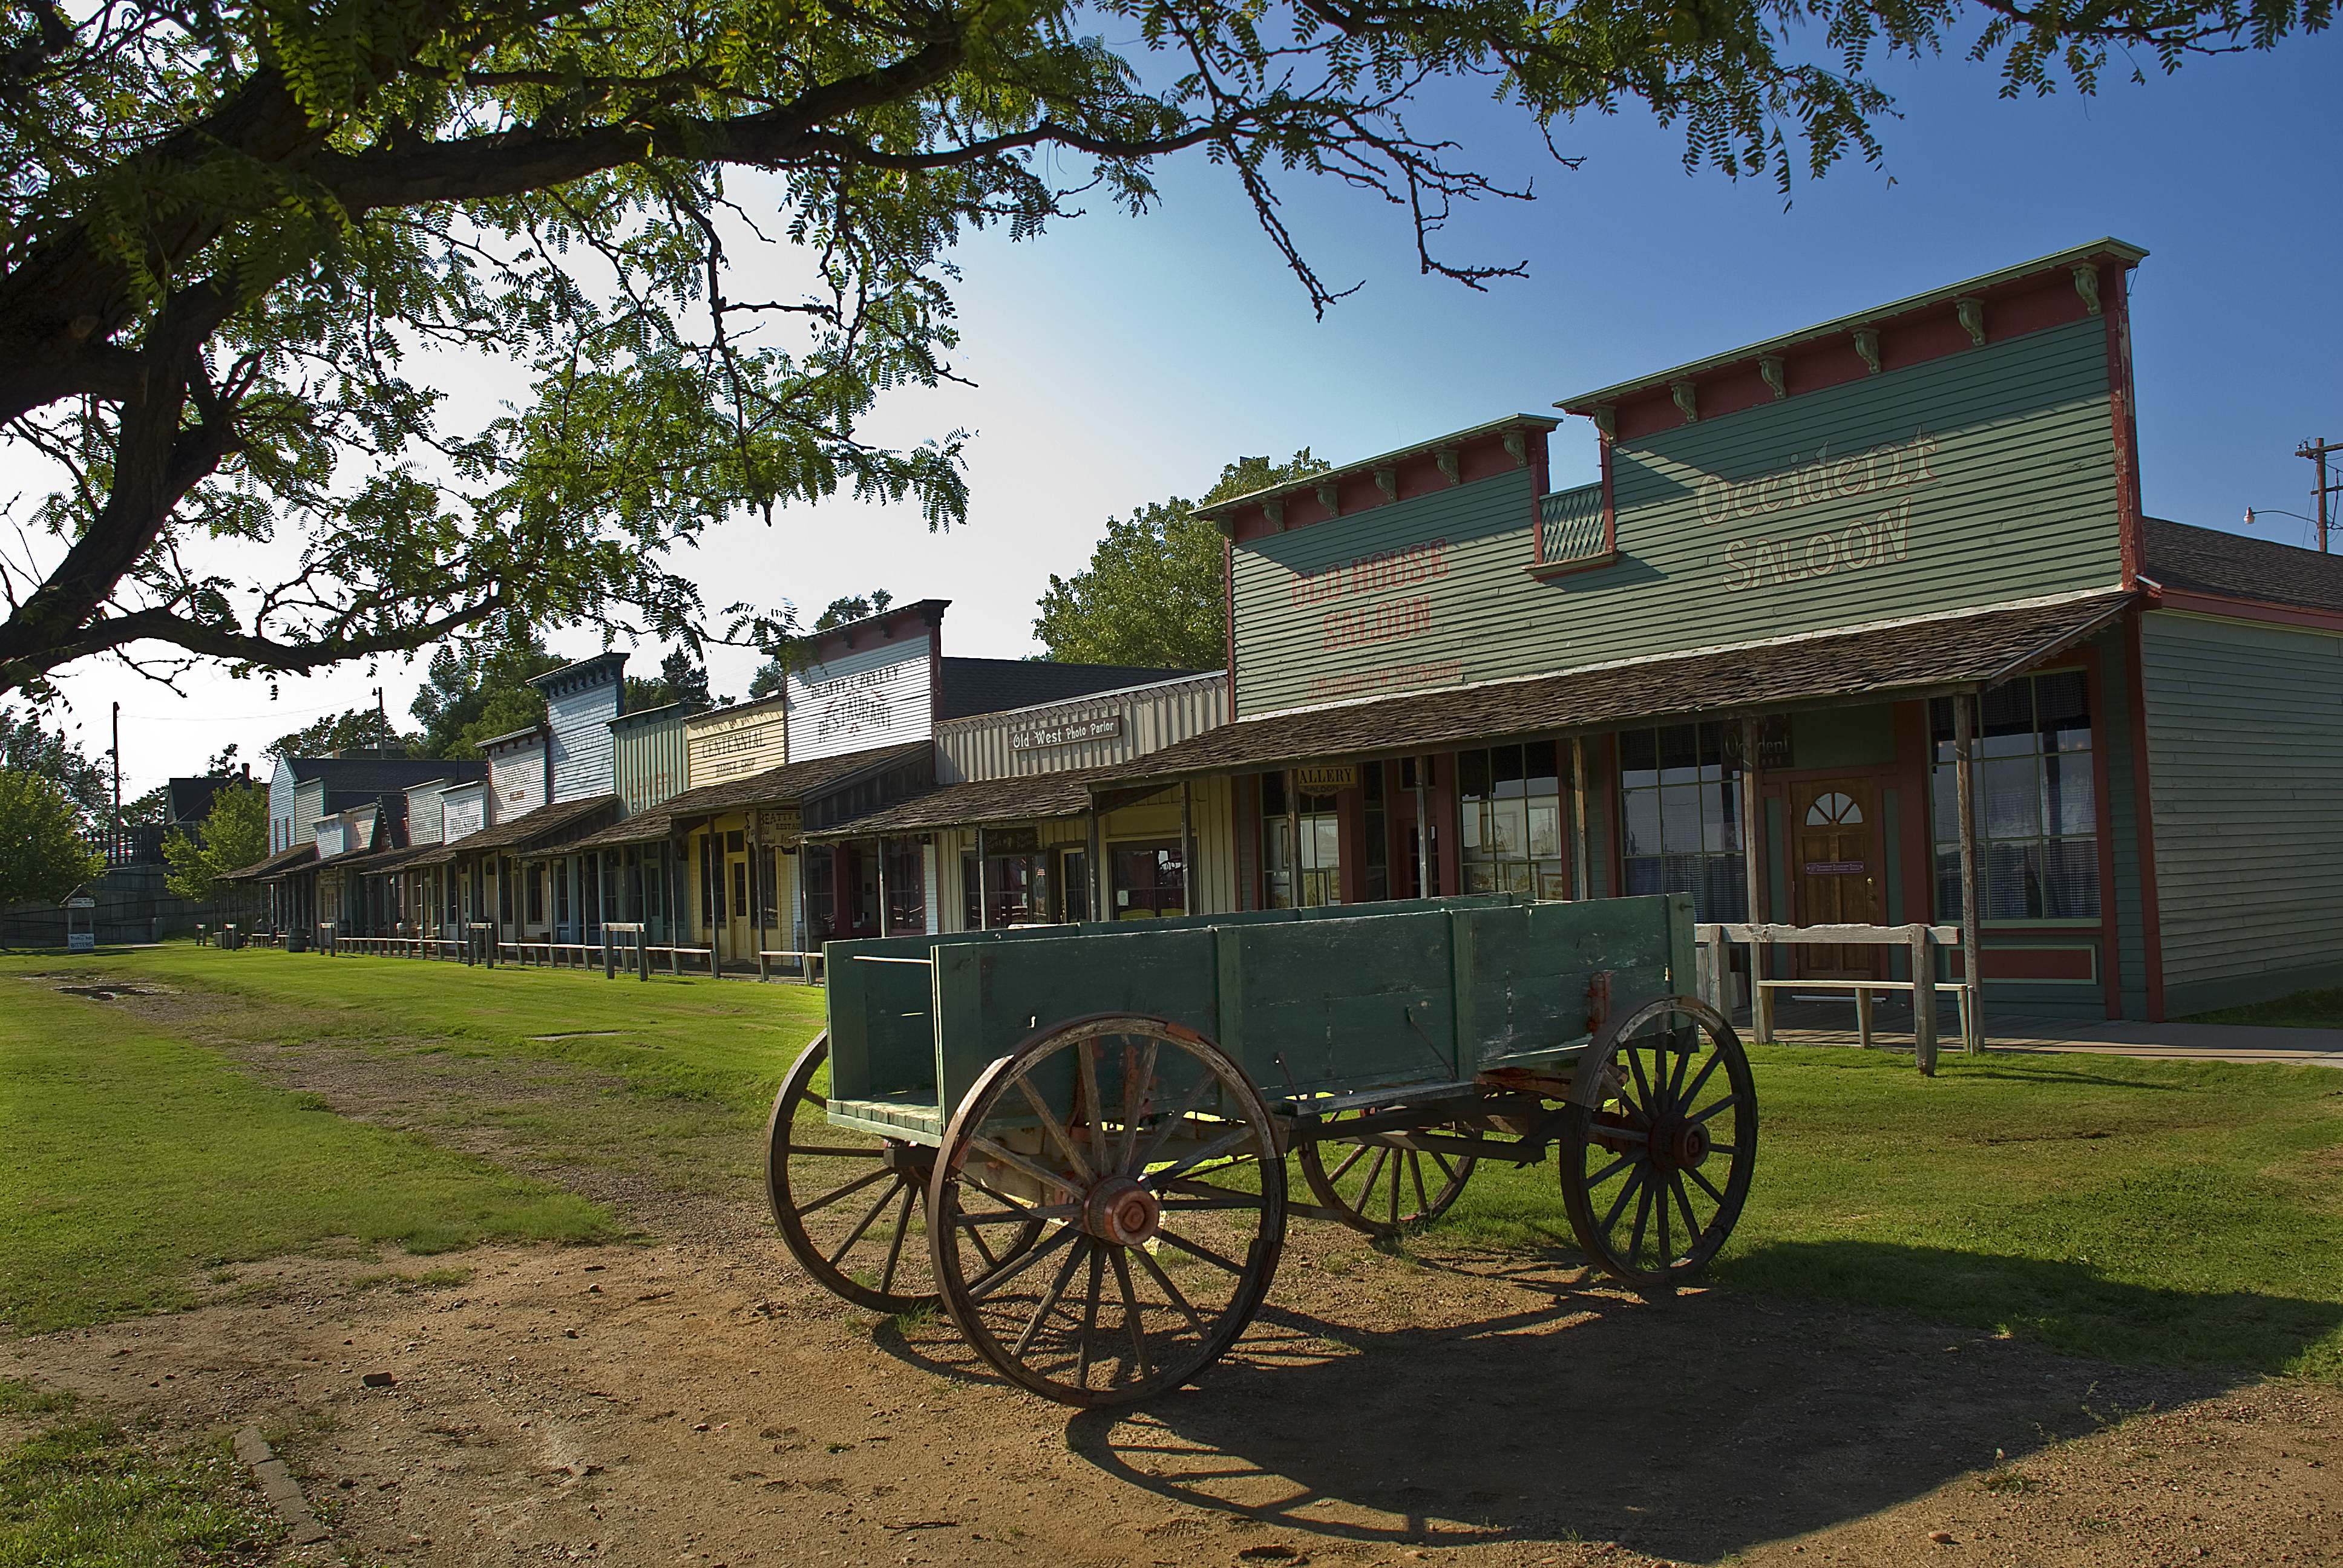 Exposition de charriots au musée Boot Hill par Gerald B. Keane / Public domain